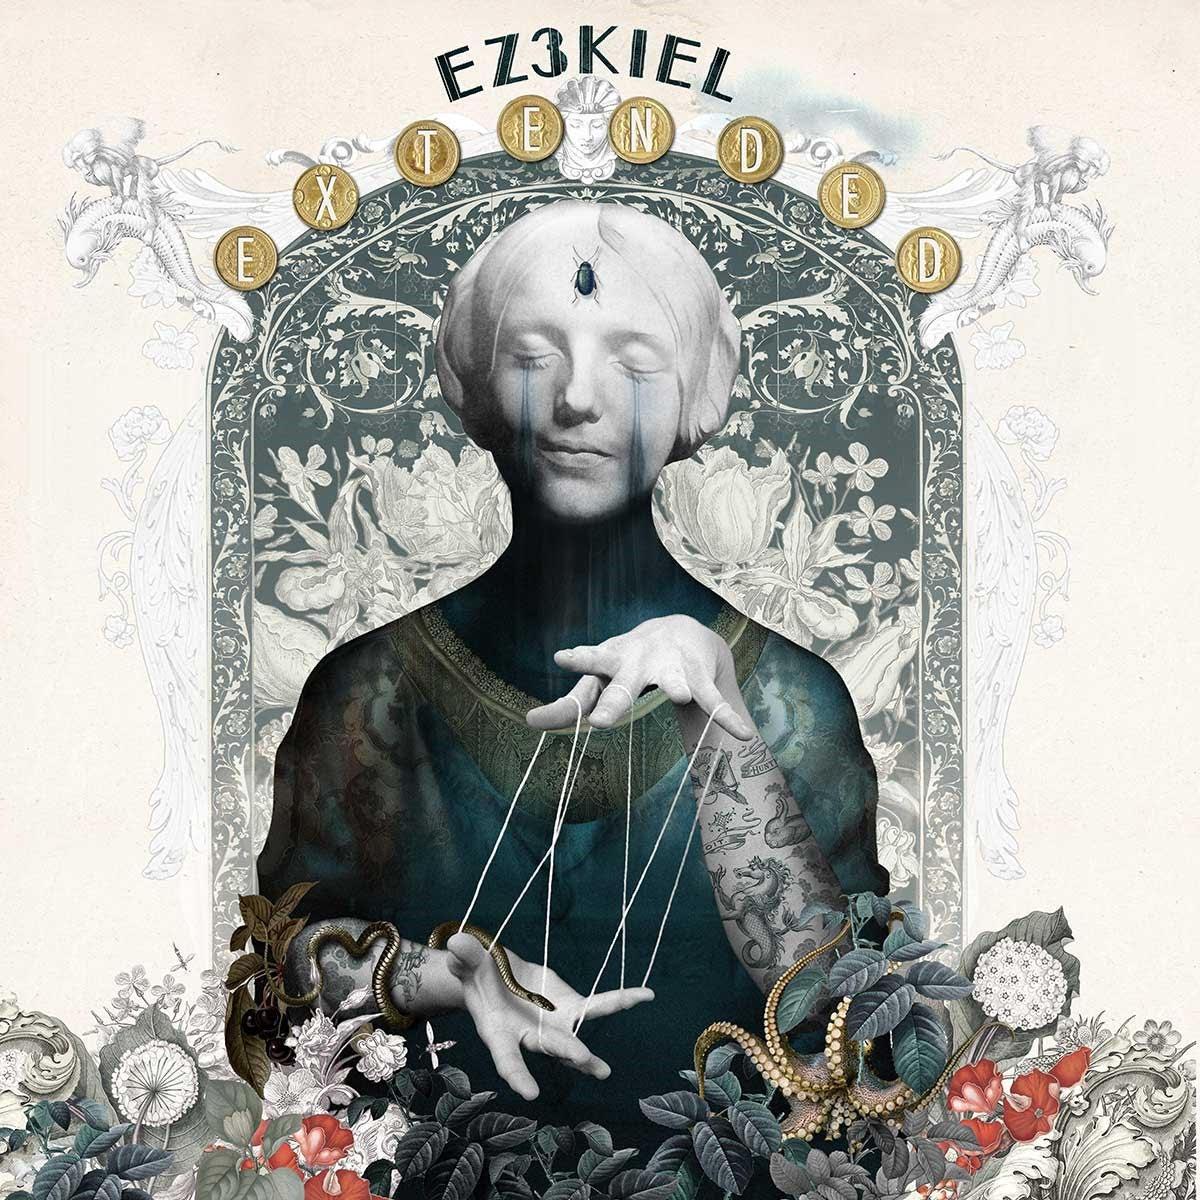 NAPHTALINE EXTENDED - → Vinyle - EZ3kiel